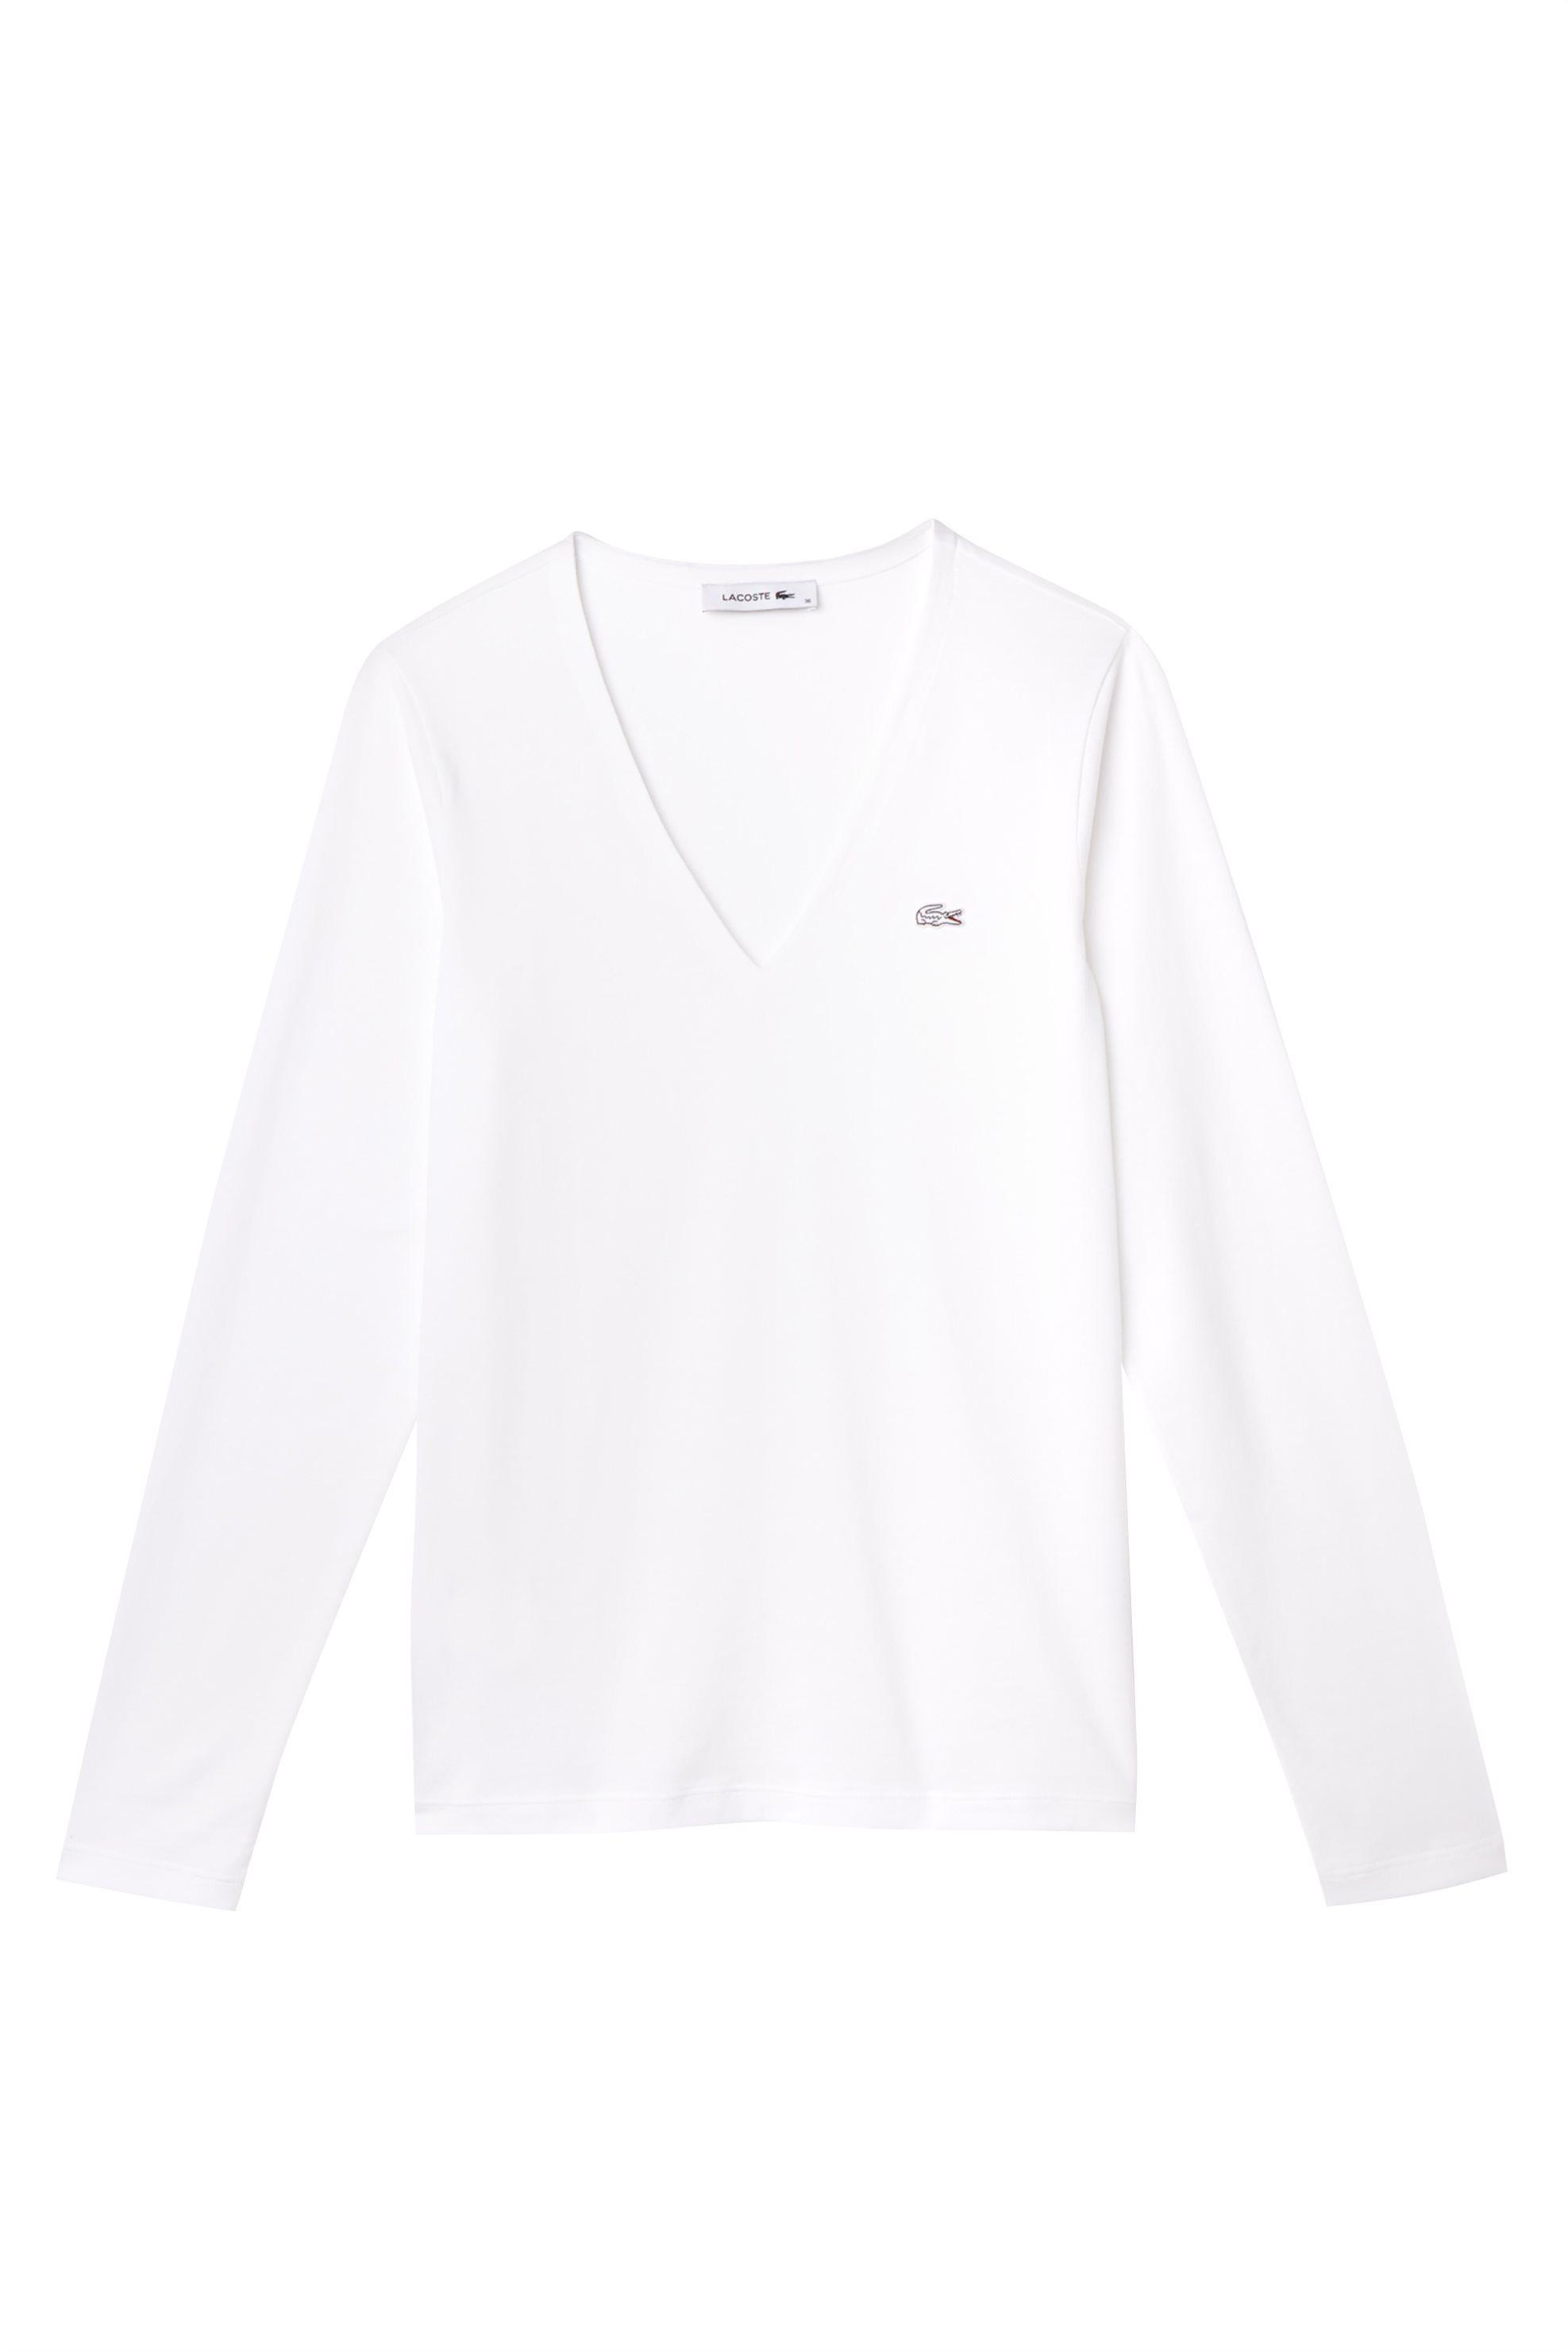 4ee2db4ef6c3 LACOSTE - Κορυφαία προϊόντα για Ρούχα - Σελίδα 5